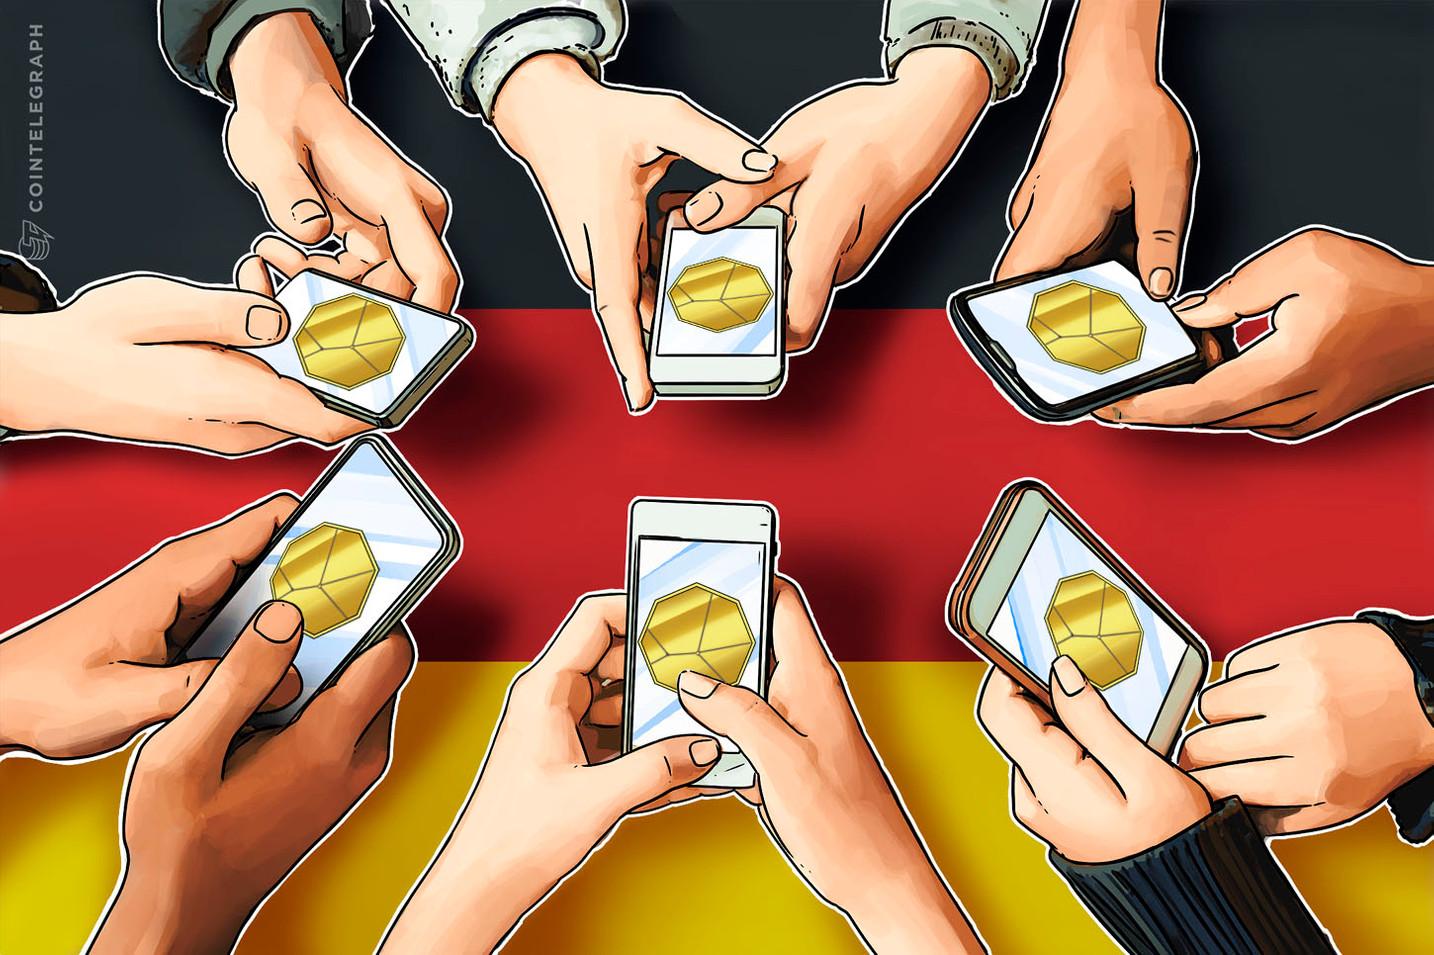 ドイツ第2位の証券取引所、仮想通貨取引アプリを今秋にリリース